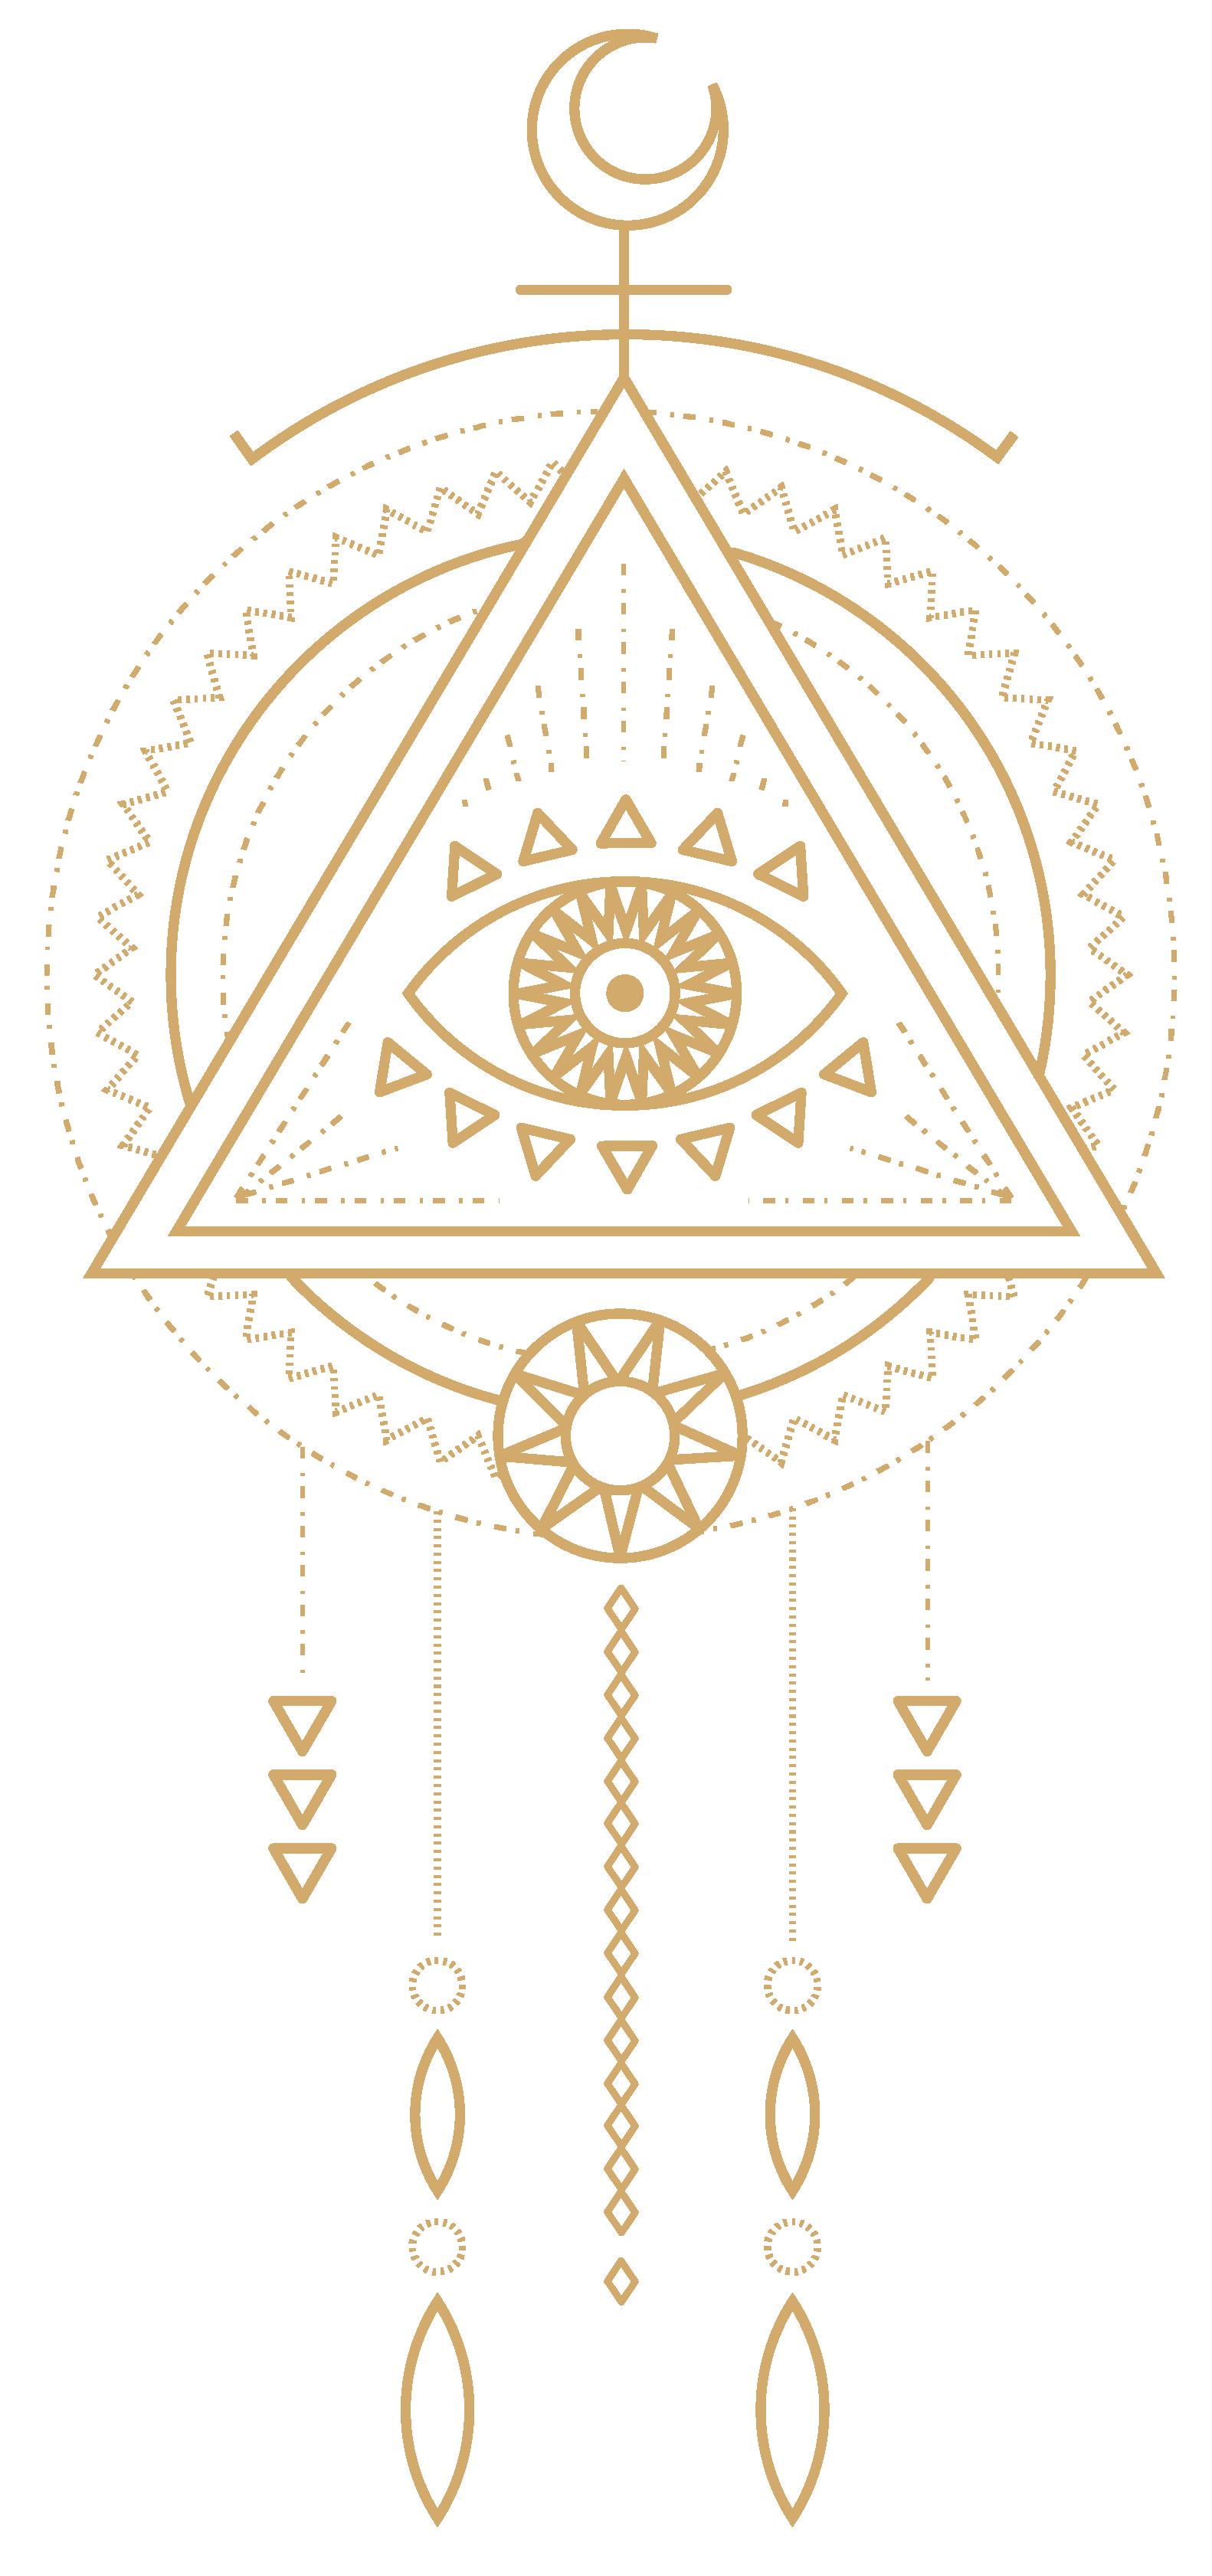 Tribal Shaman-Mandalas-by-Skybox-Creative-02.png